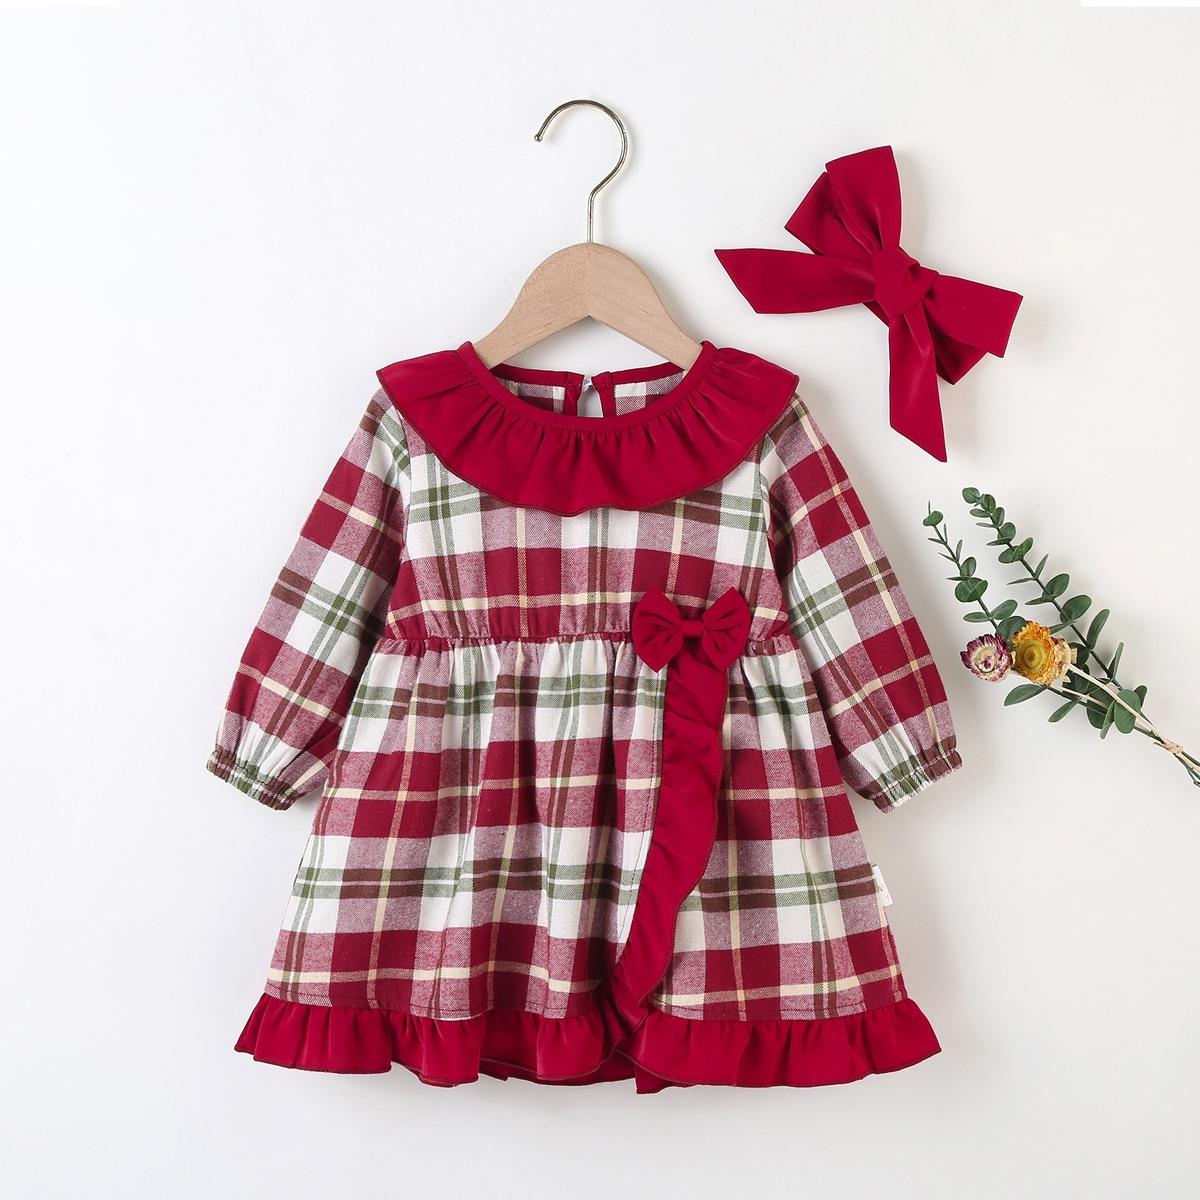 С оборками клетка милый платья для малышей